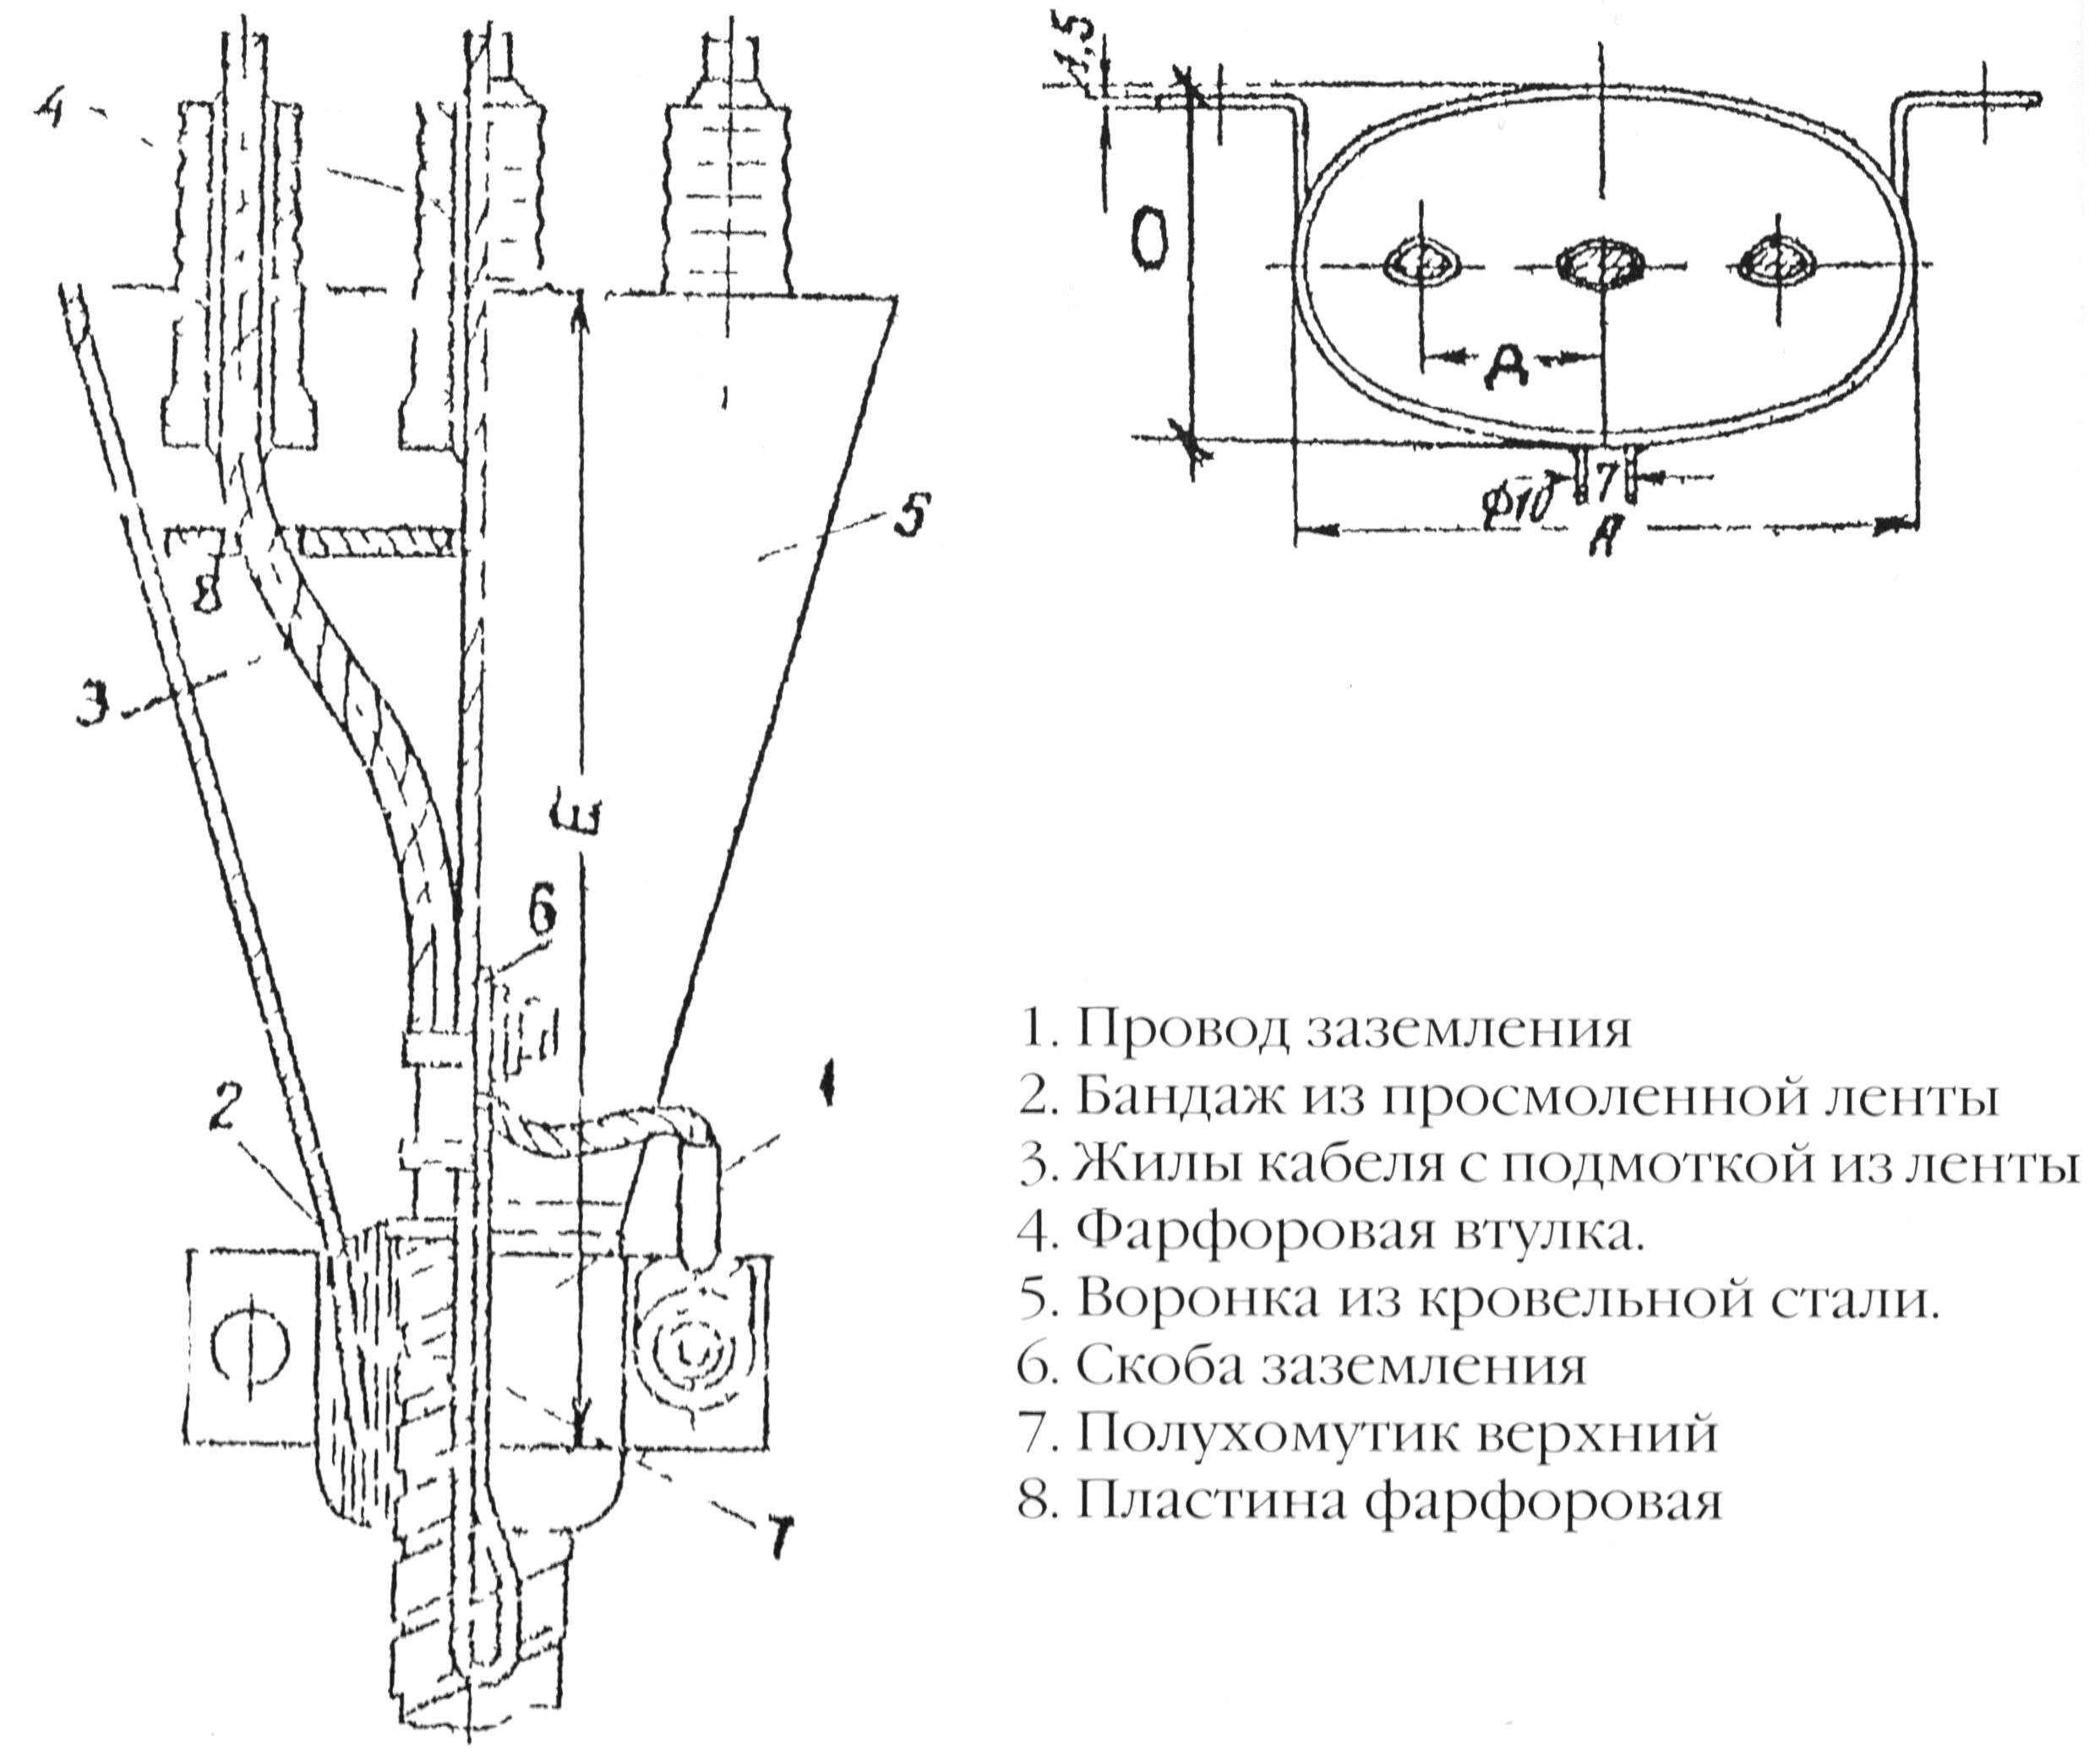 Концевая заделка типа КВБ (стальная воронка с битумной массой на напряжение 10 кВ)